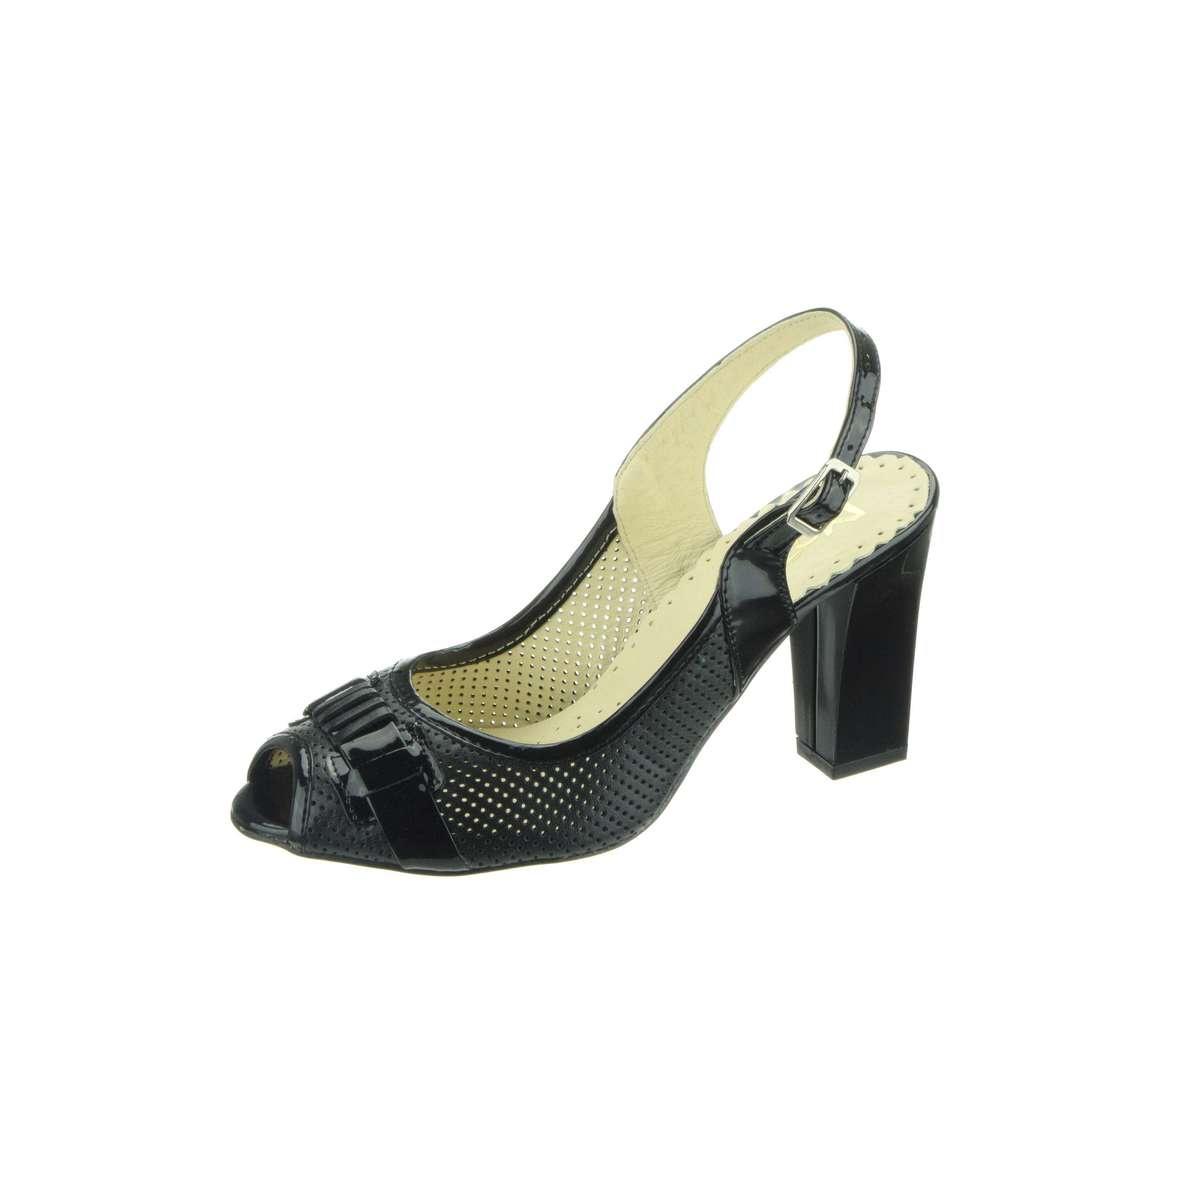 Dámská vycházková sandálka KN S121-1 - PEON e9eb4b038b